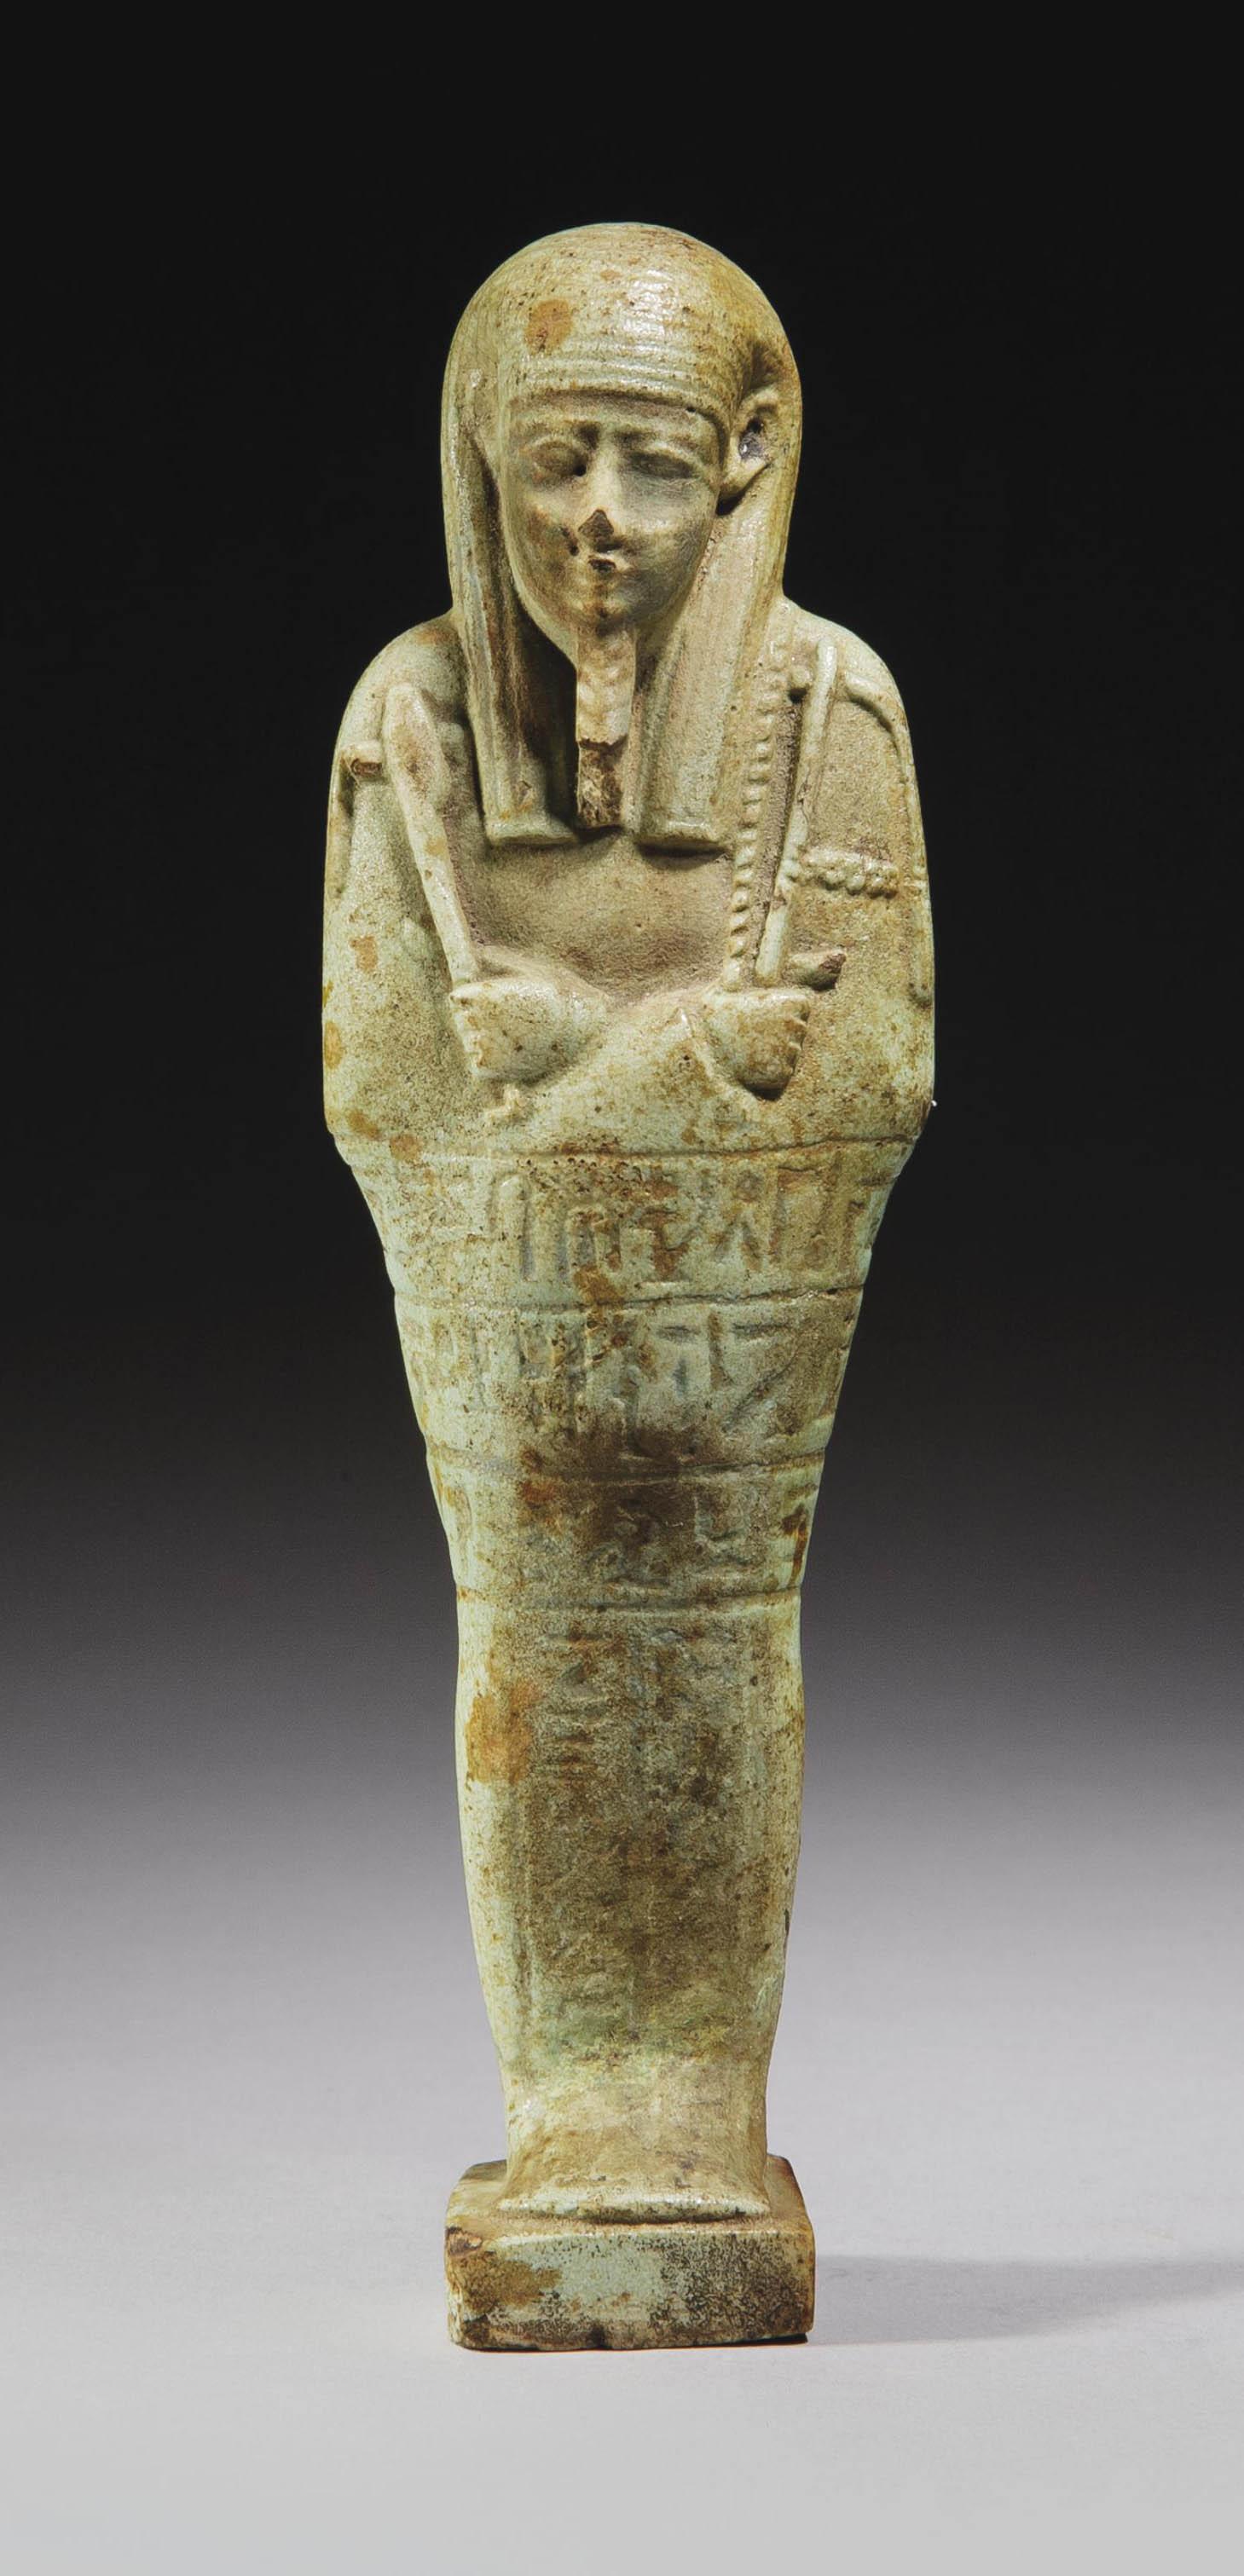 ouchebti en faience verte egypte epoque ptolemaique circa 332 30 avant j c christie 39 s. Black Bedroom Furniture Sets. Home Design Ideas